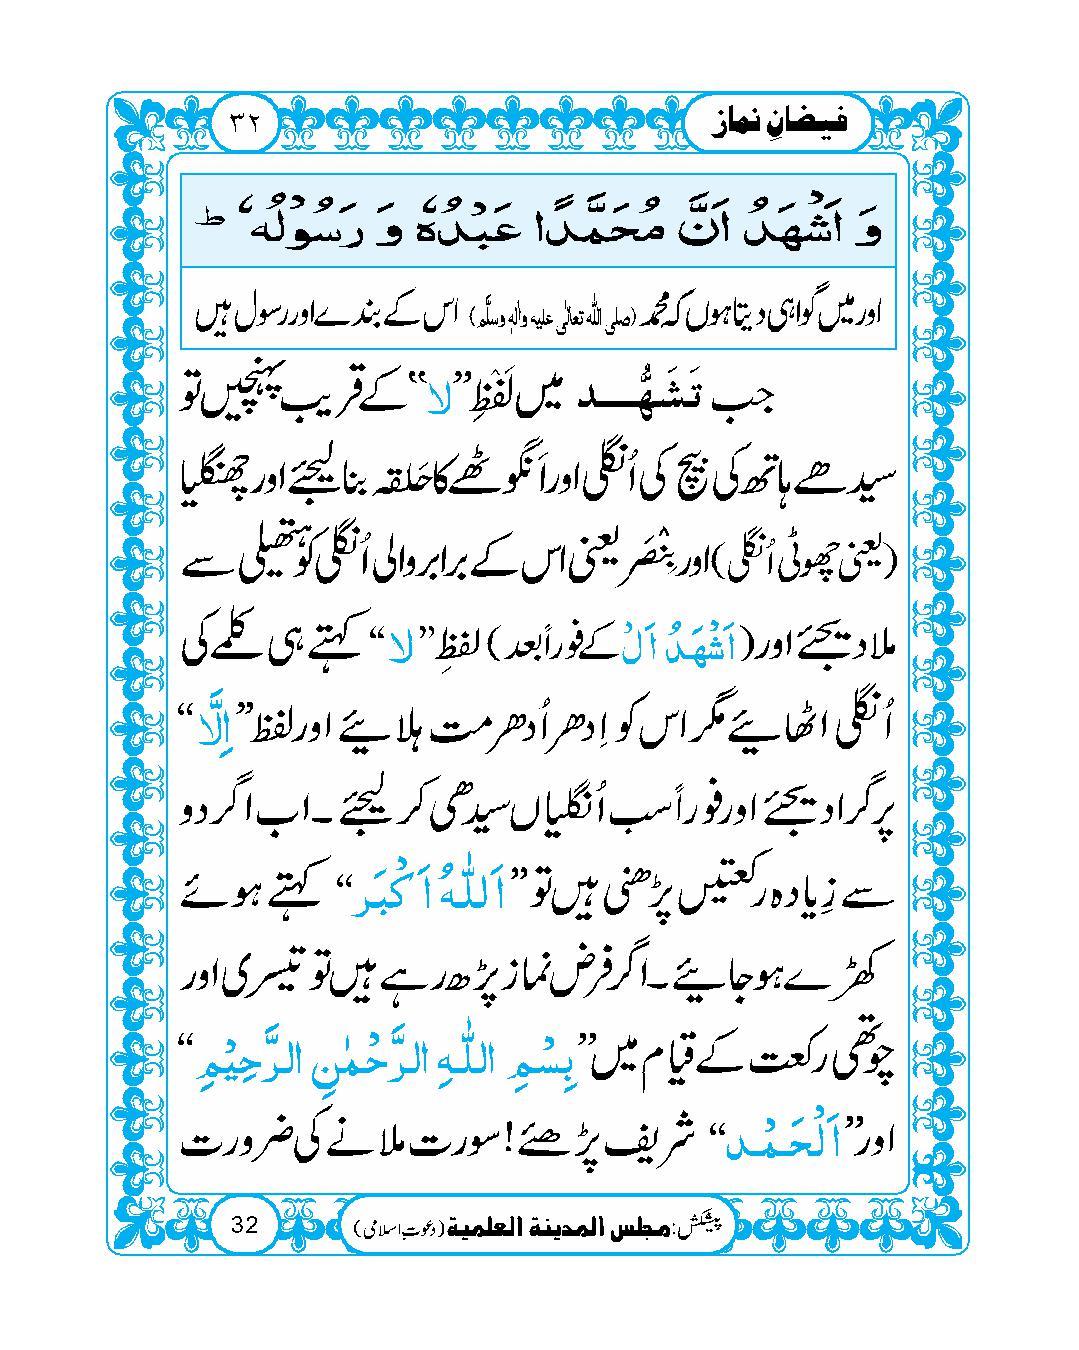 page No 32